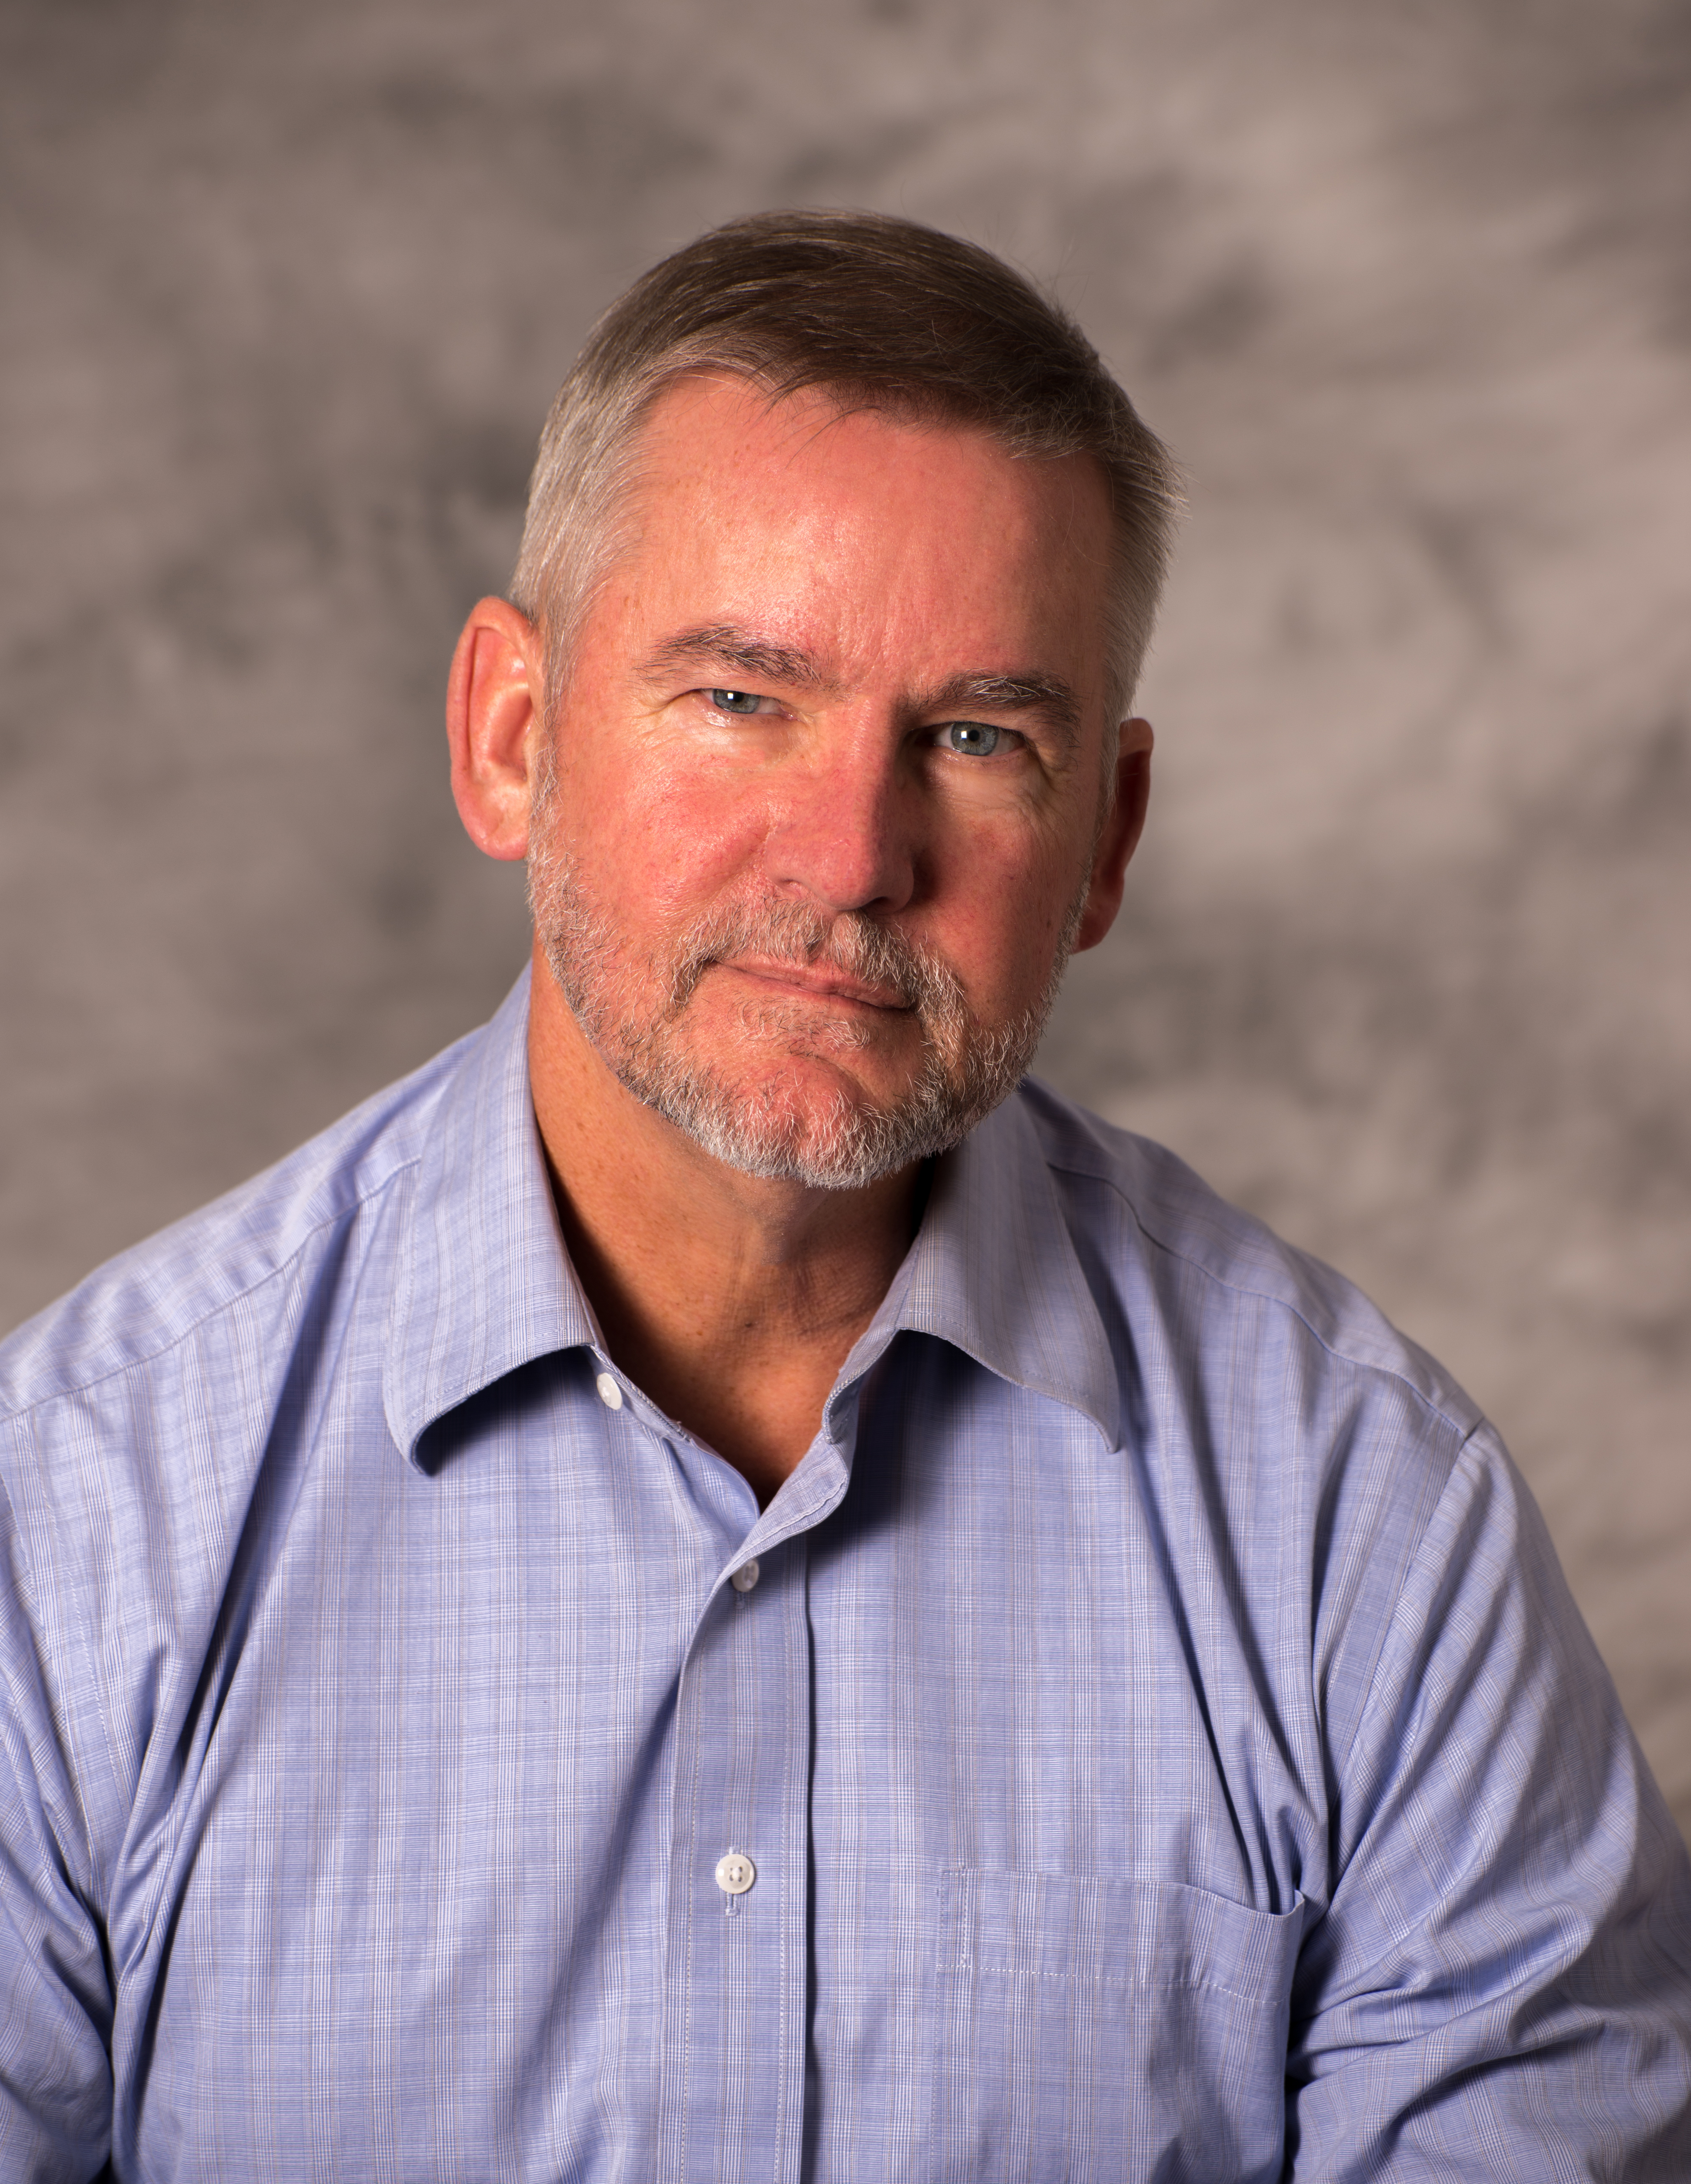 owner Tony Baumer